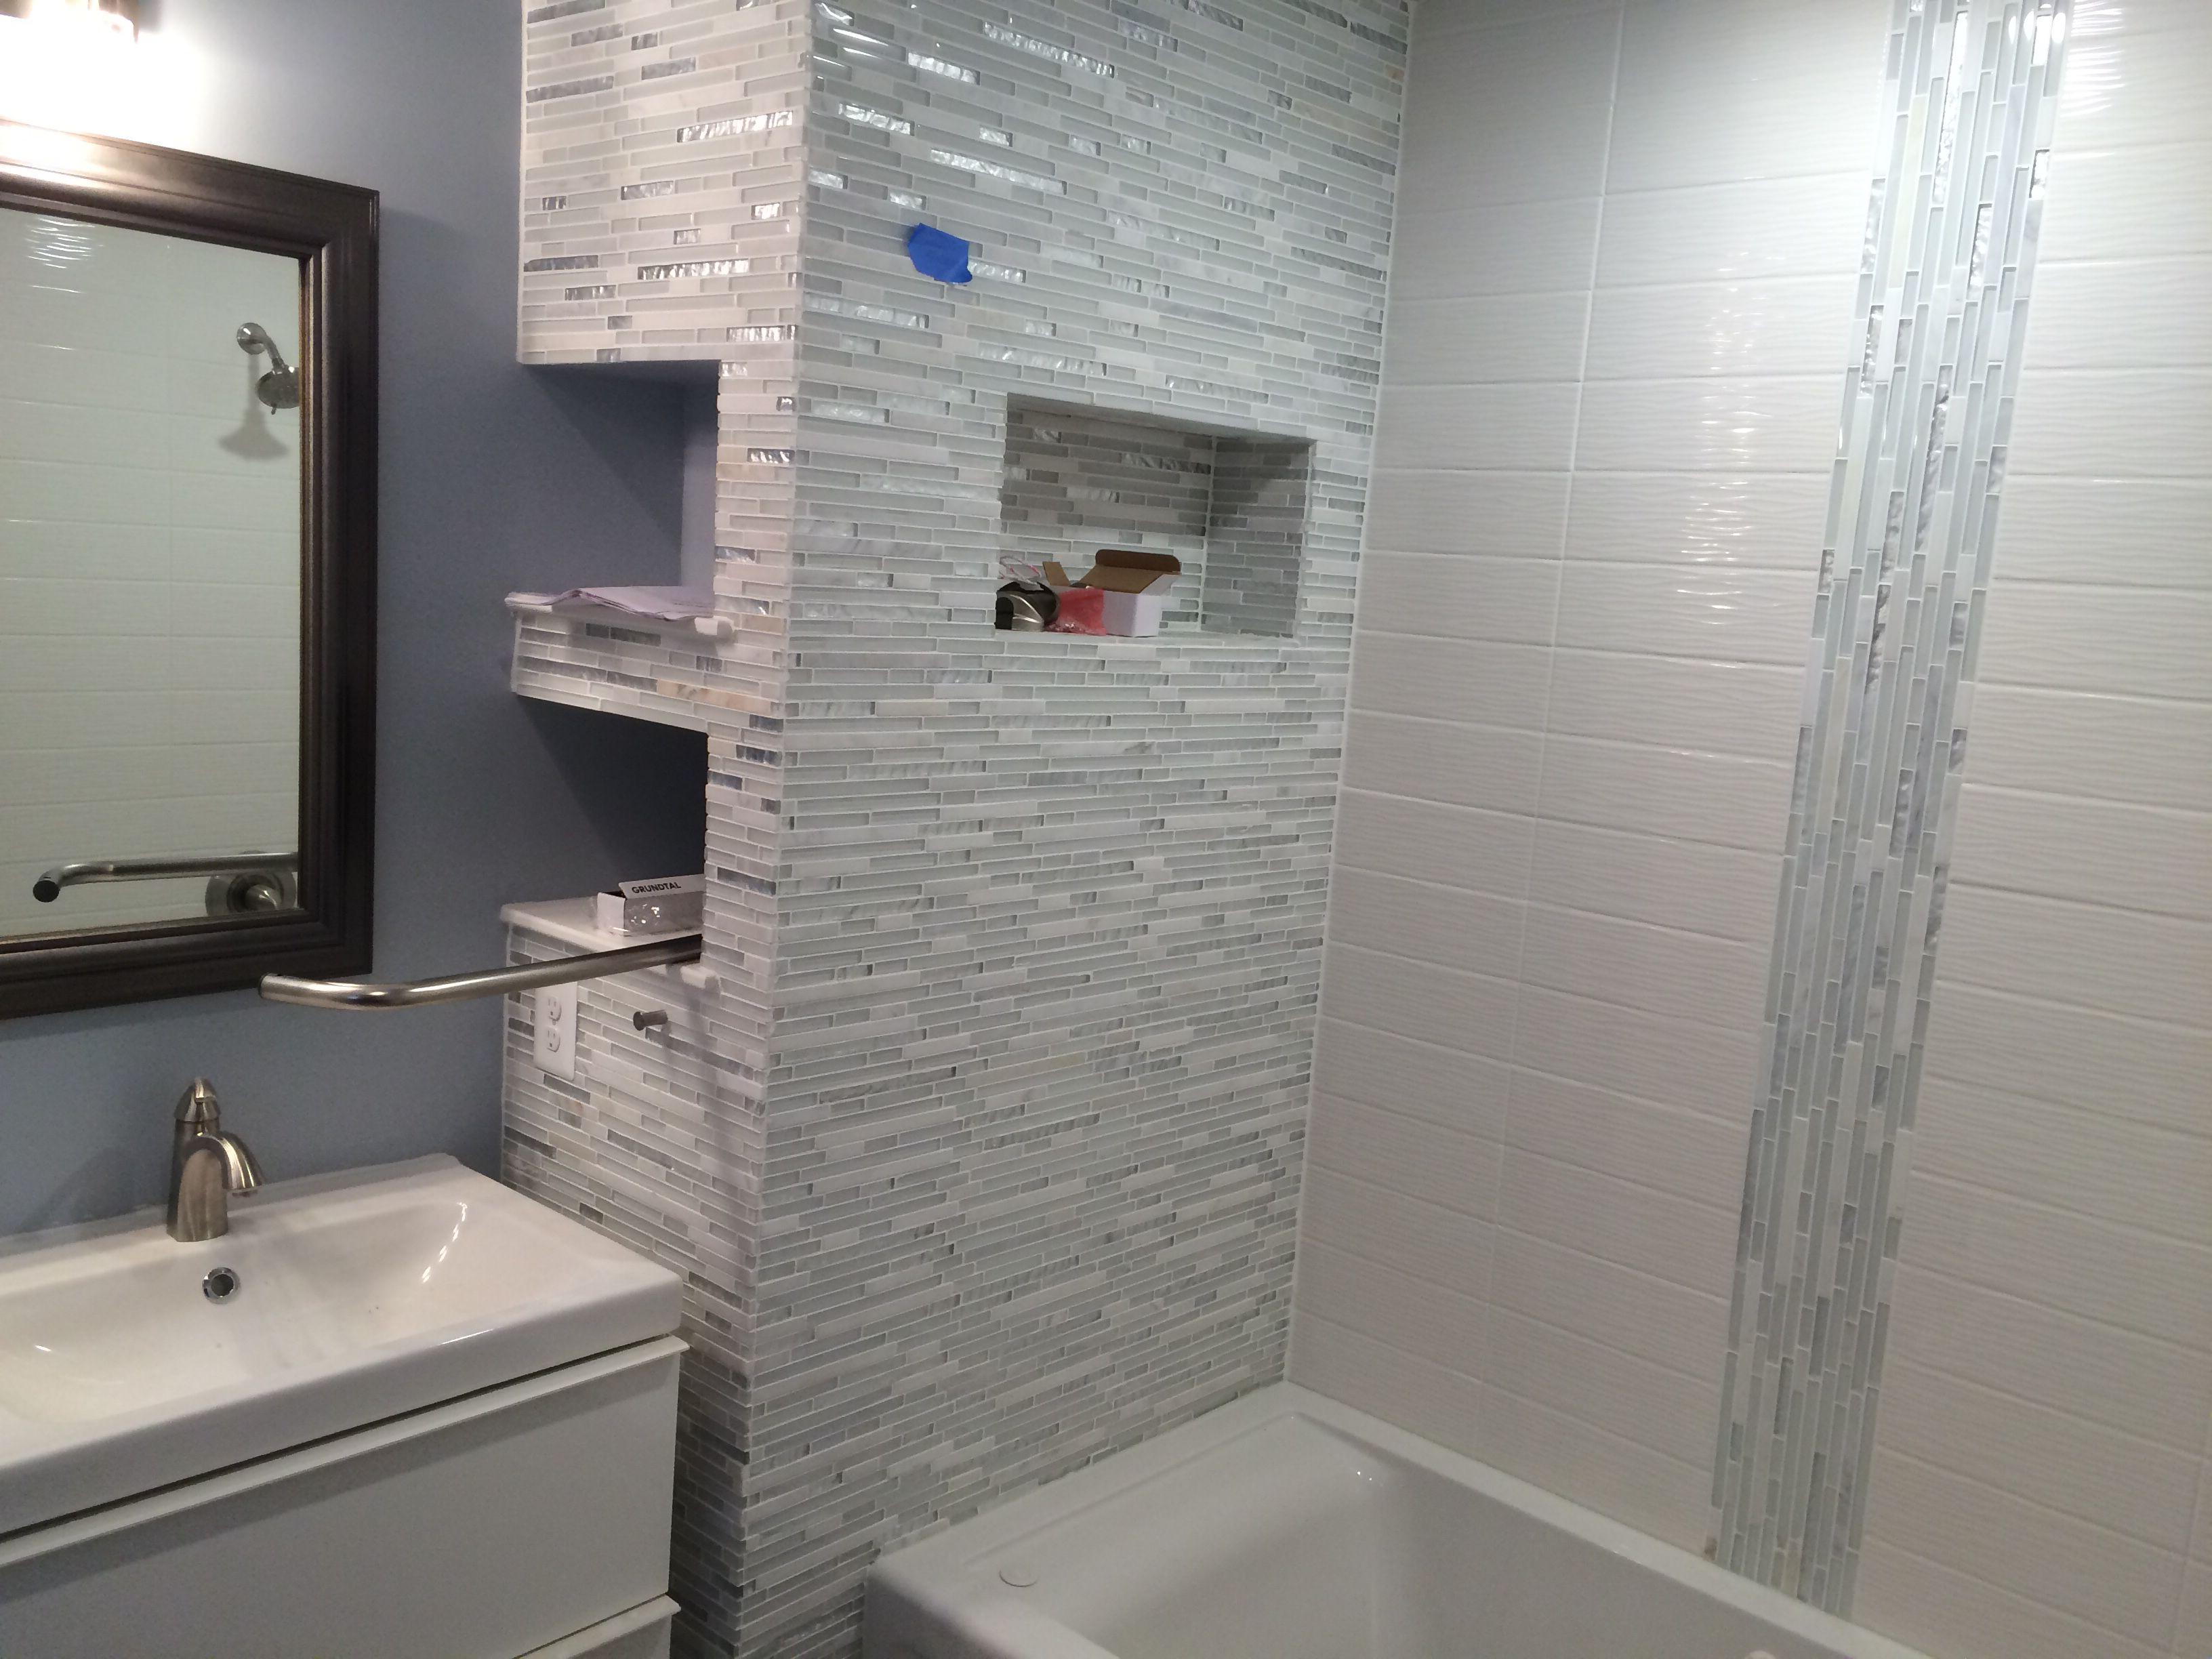 Badezimmerdesign 7 x 5 master bath  loch raven  pinterest  bath